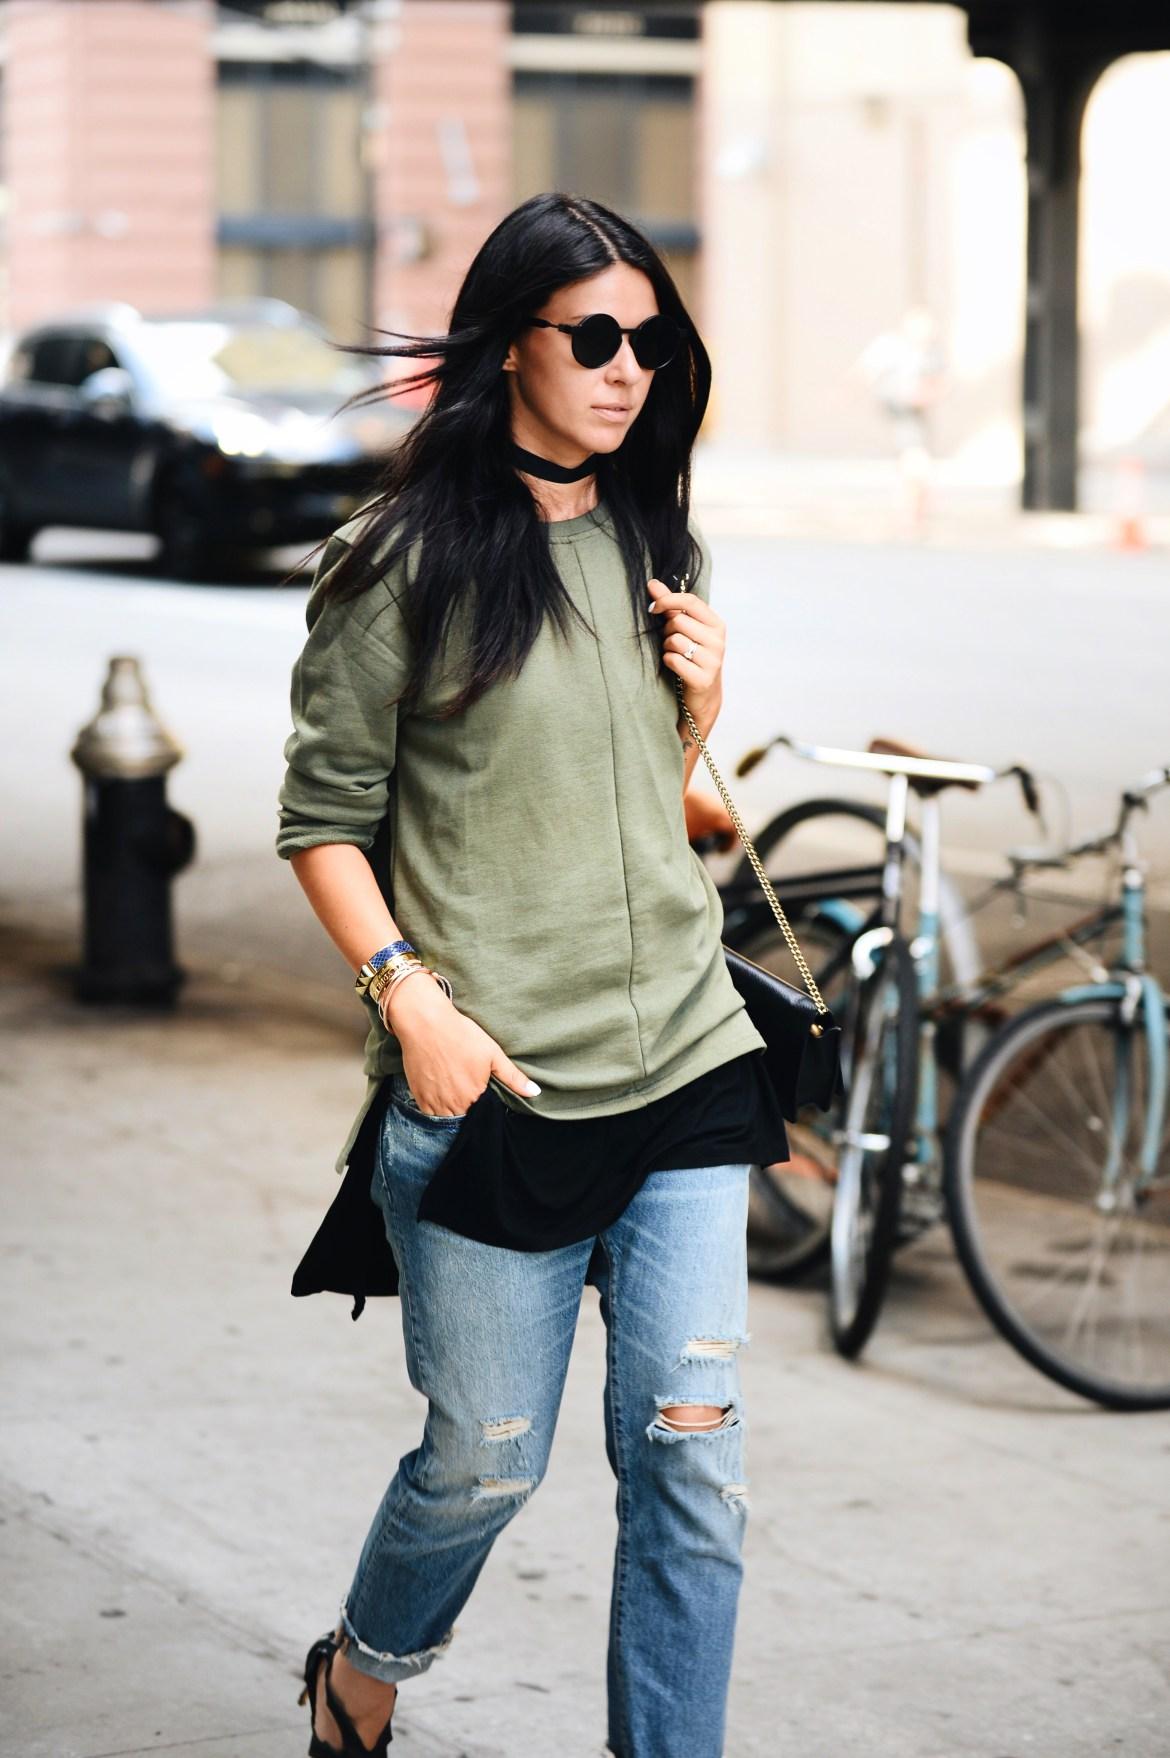 yeezy style sweatshirt